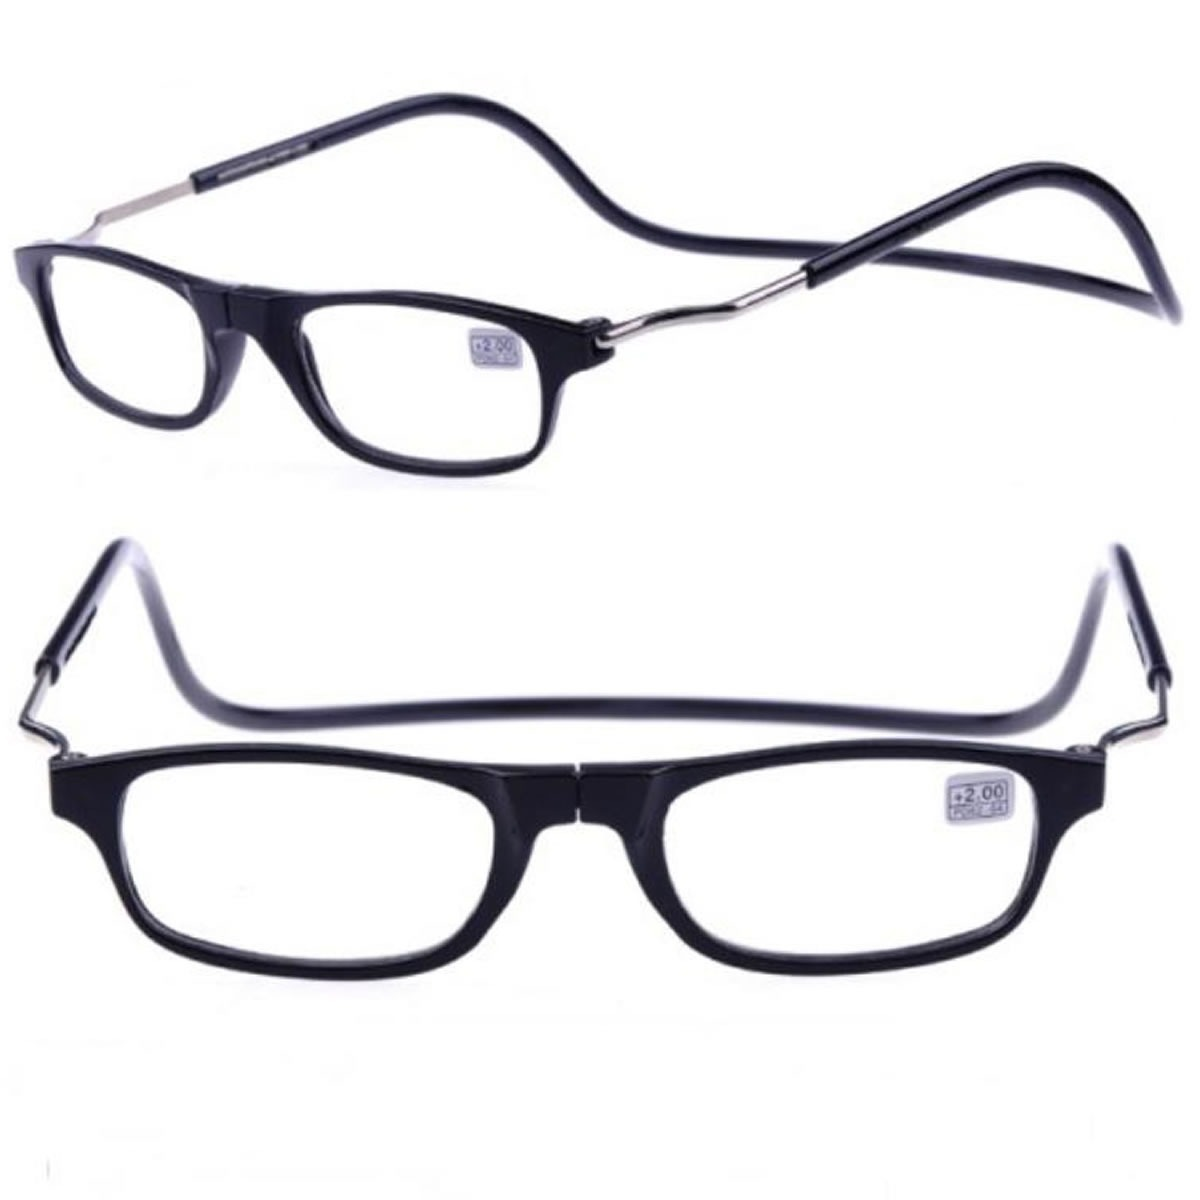 f34ceb625 óculos para leitura com imã suporte ajustavel frete grátis. Carregando zoom.